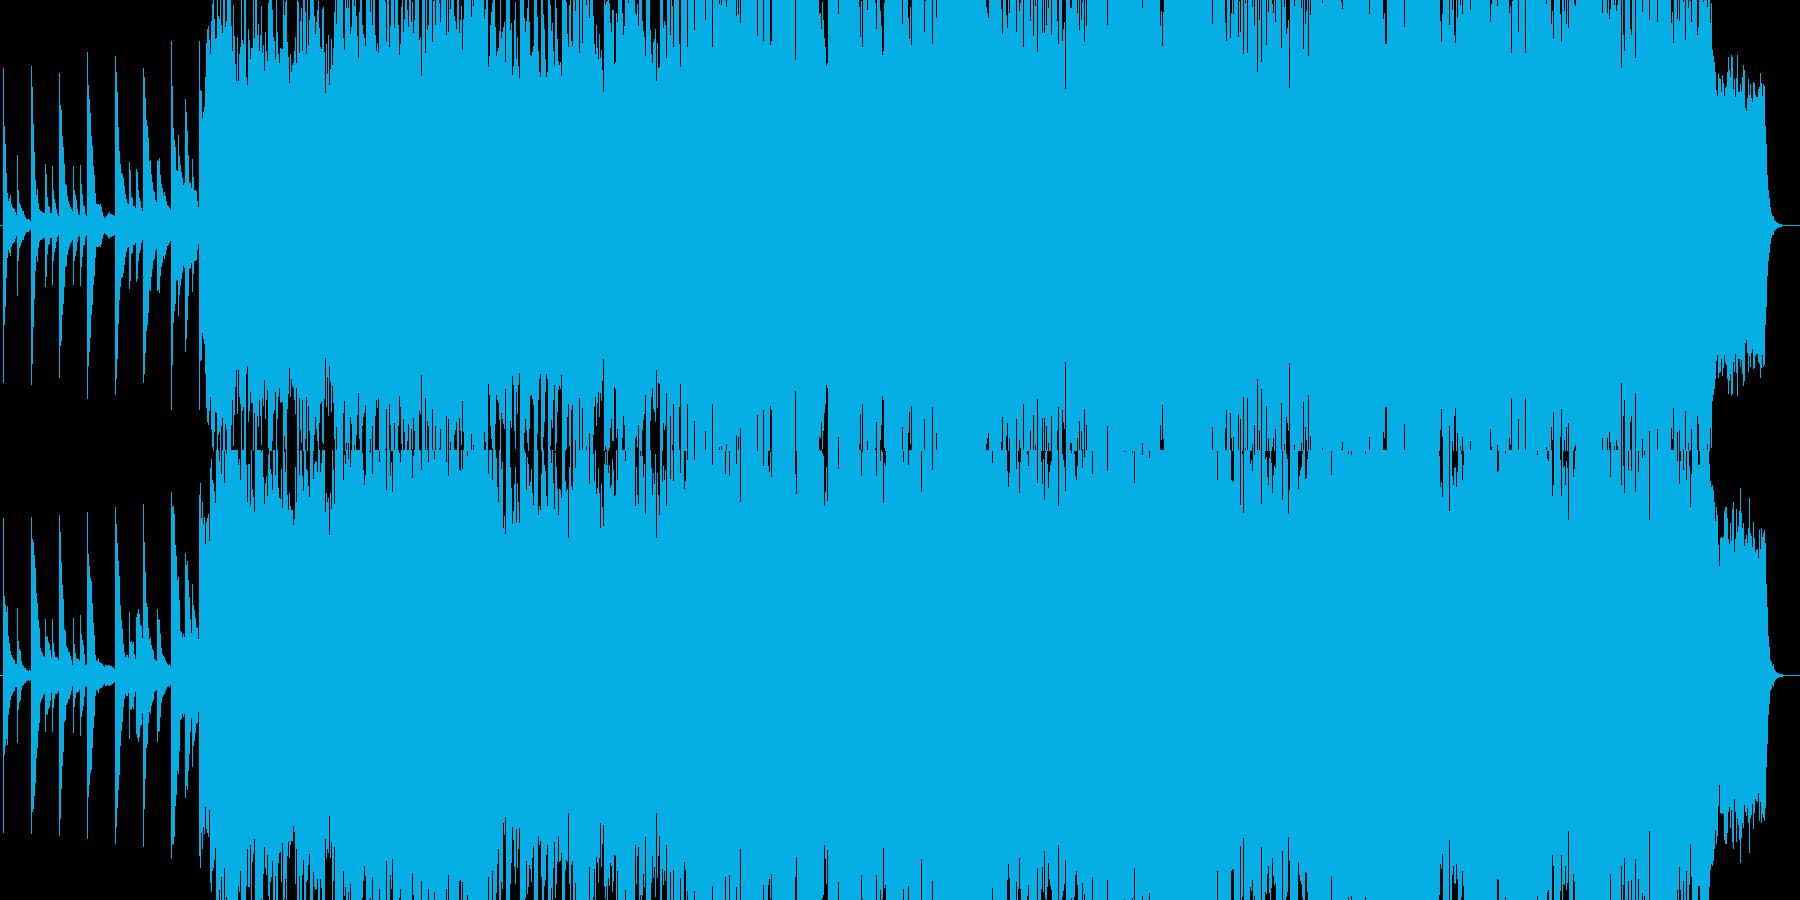 音ゲーみたいな疾走感のある音楽の再生済みの波形